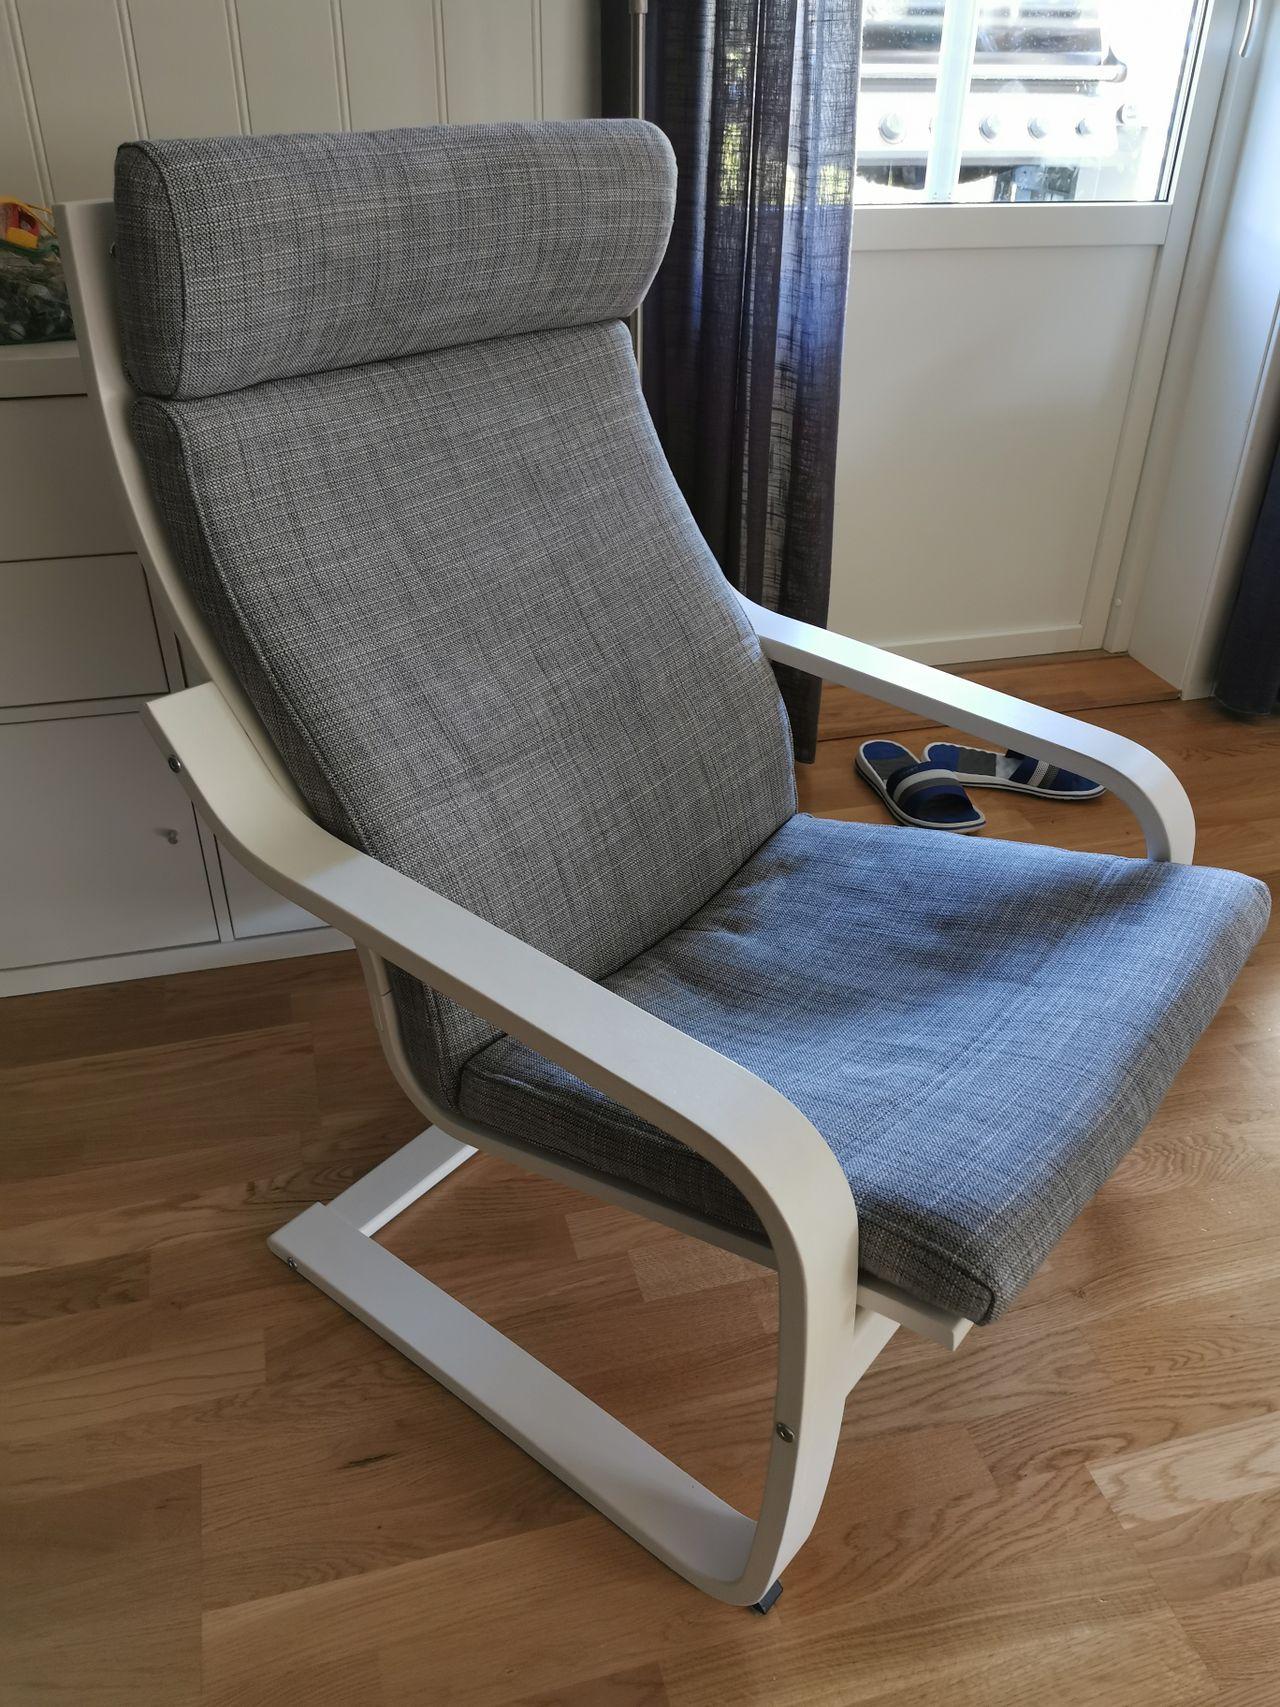 Ikea Poäng stol, hvit med grå stolpute   FINN.no